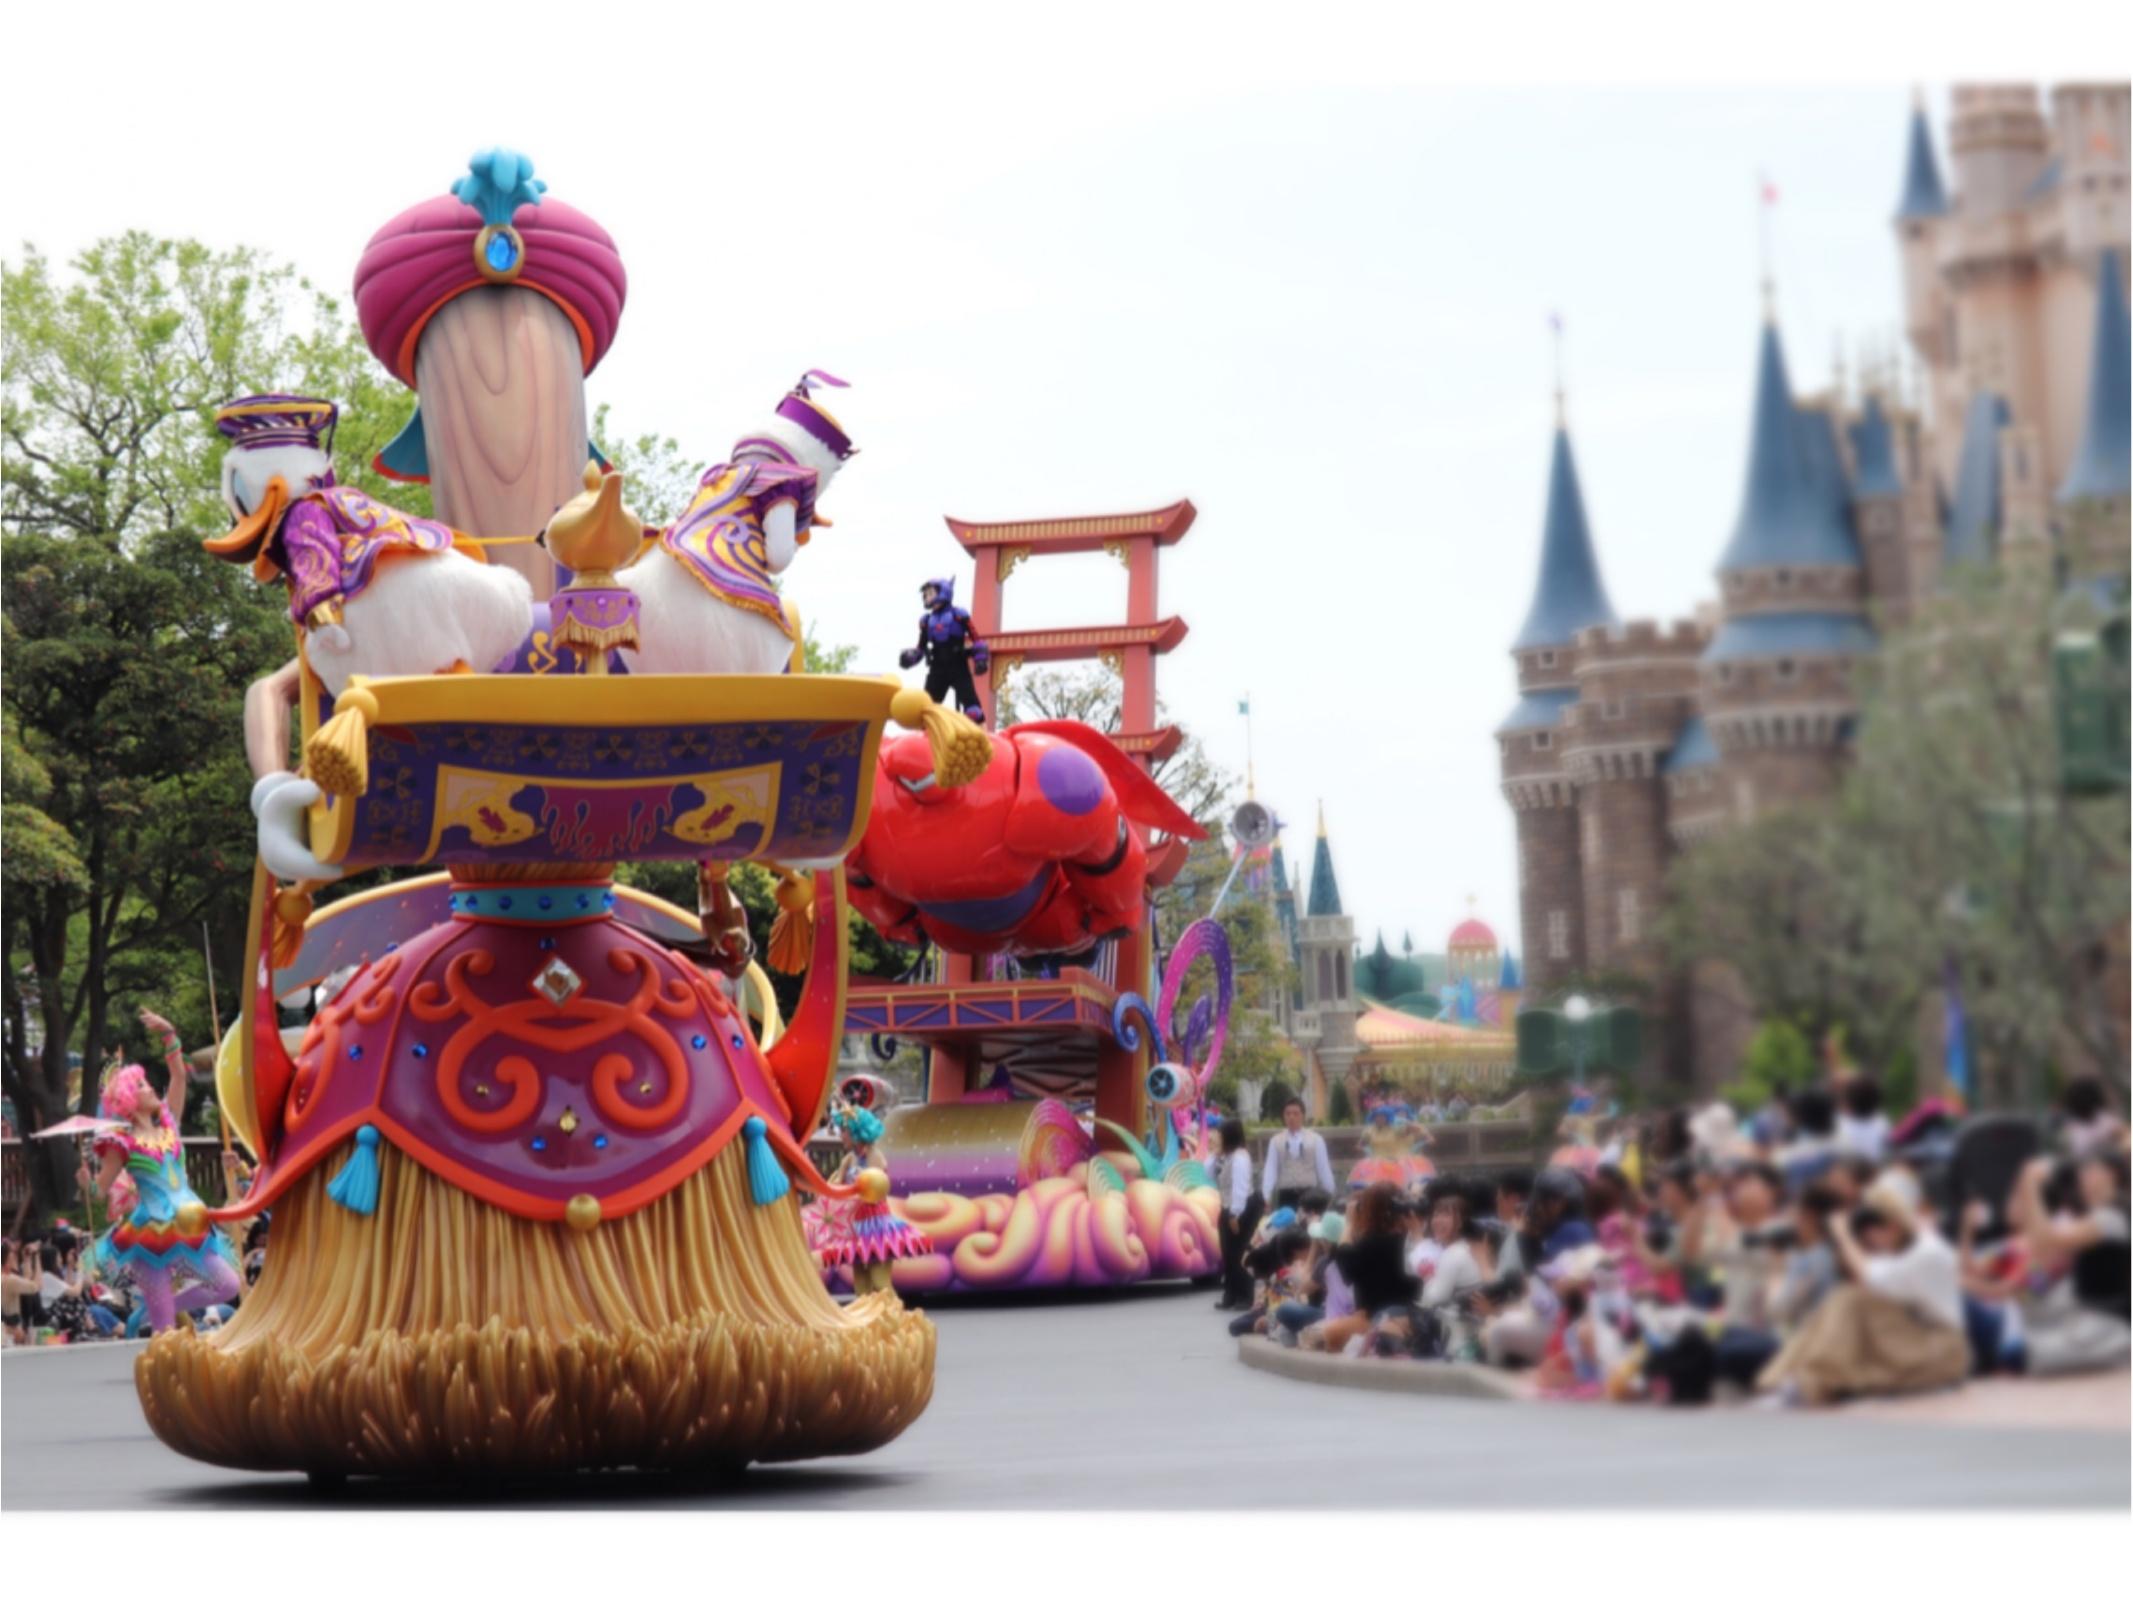 ▷【東京ディズニーランド35周年】Newパレード「ドリーミング・アップ!」がとにかく凄い!!_20